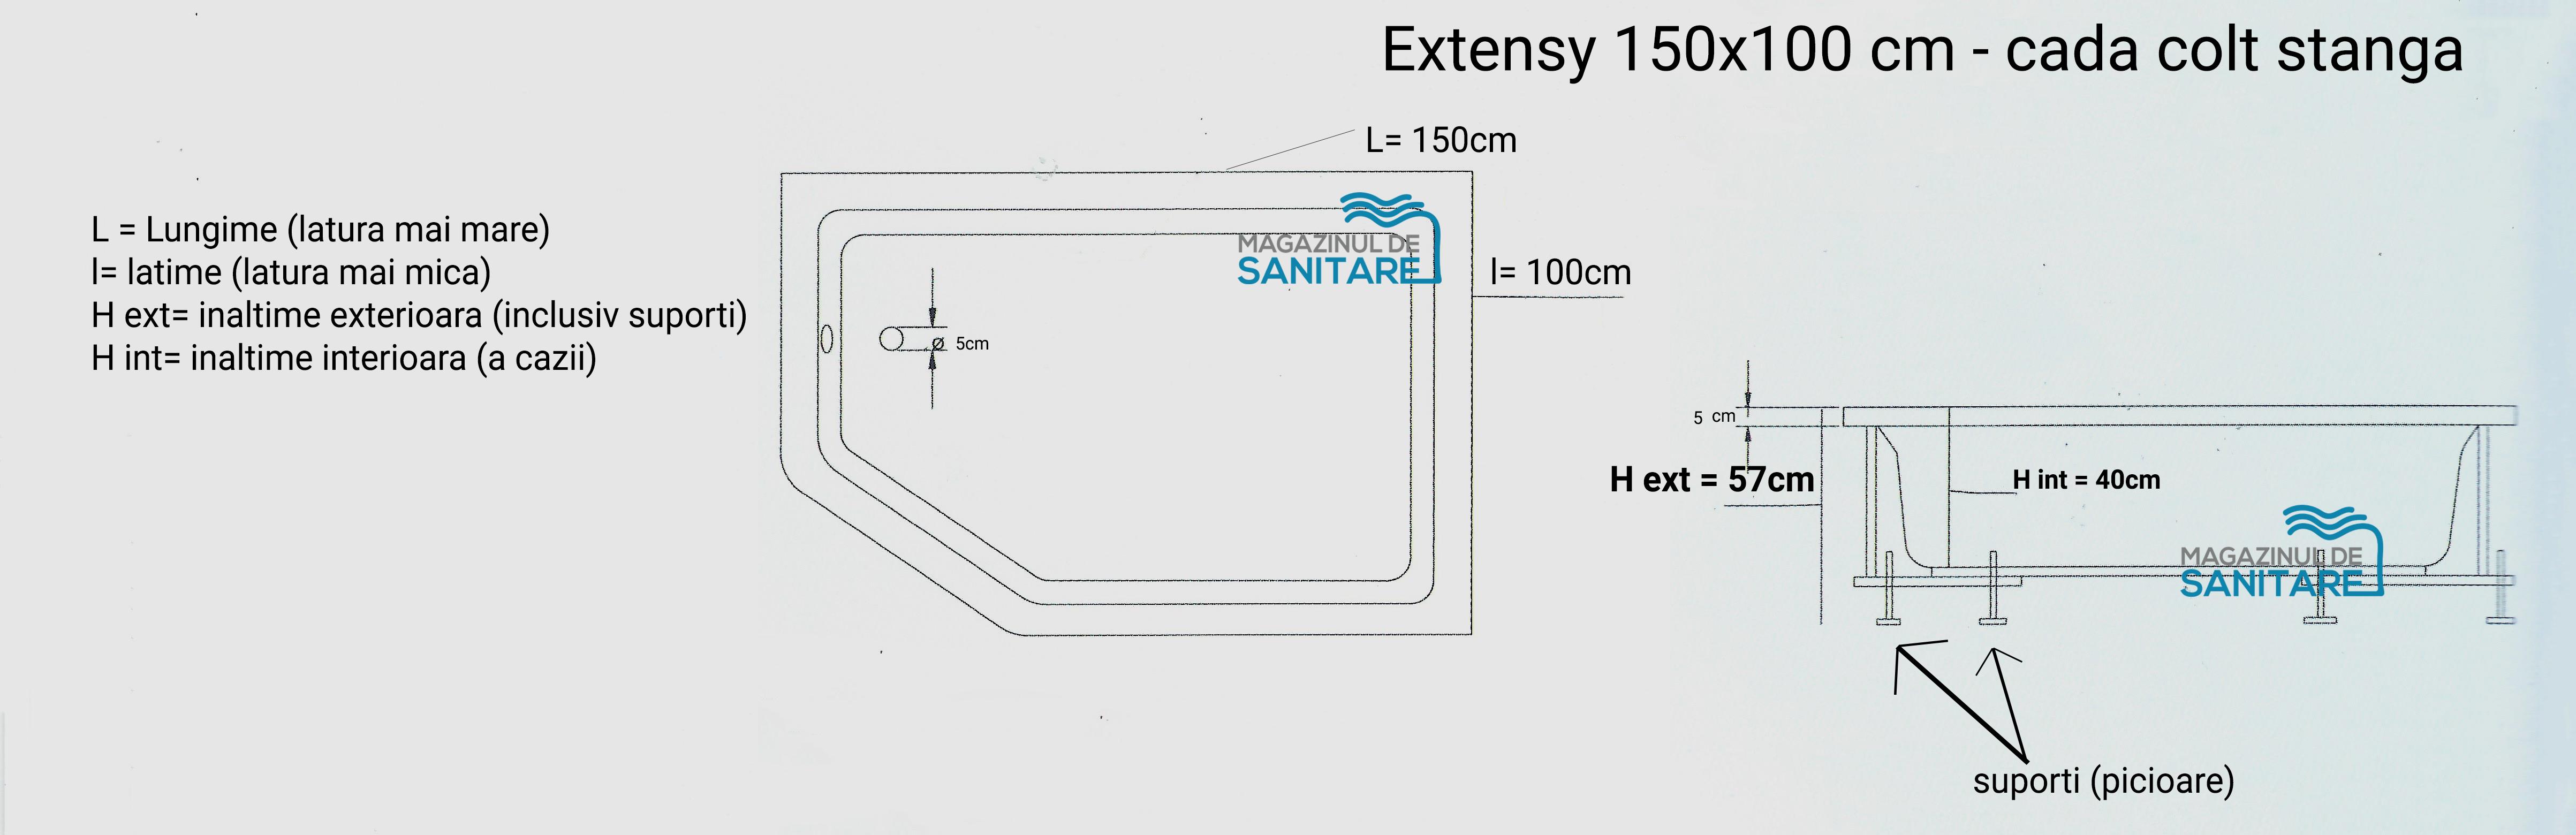 schita tehnica cada 150 100 cm EXTENSY